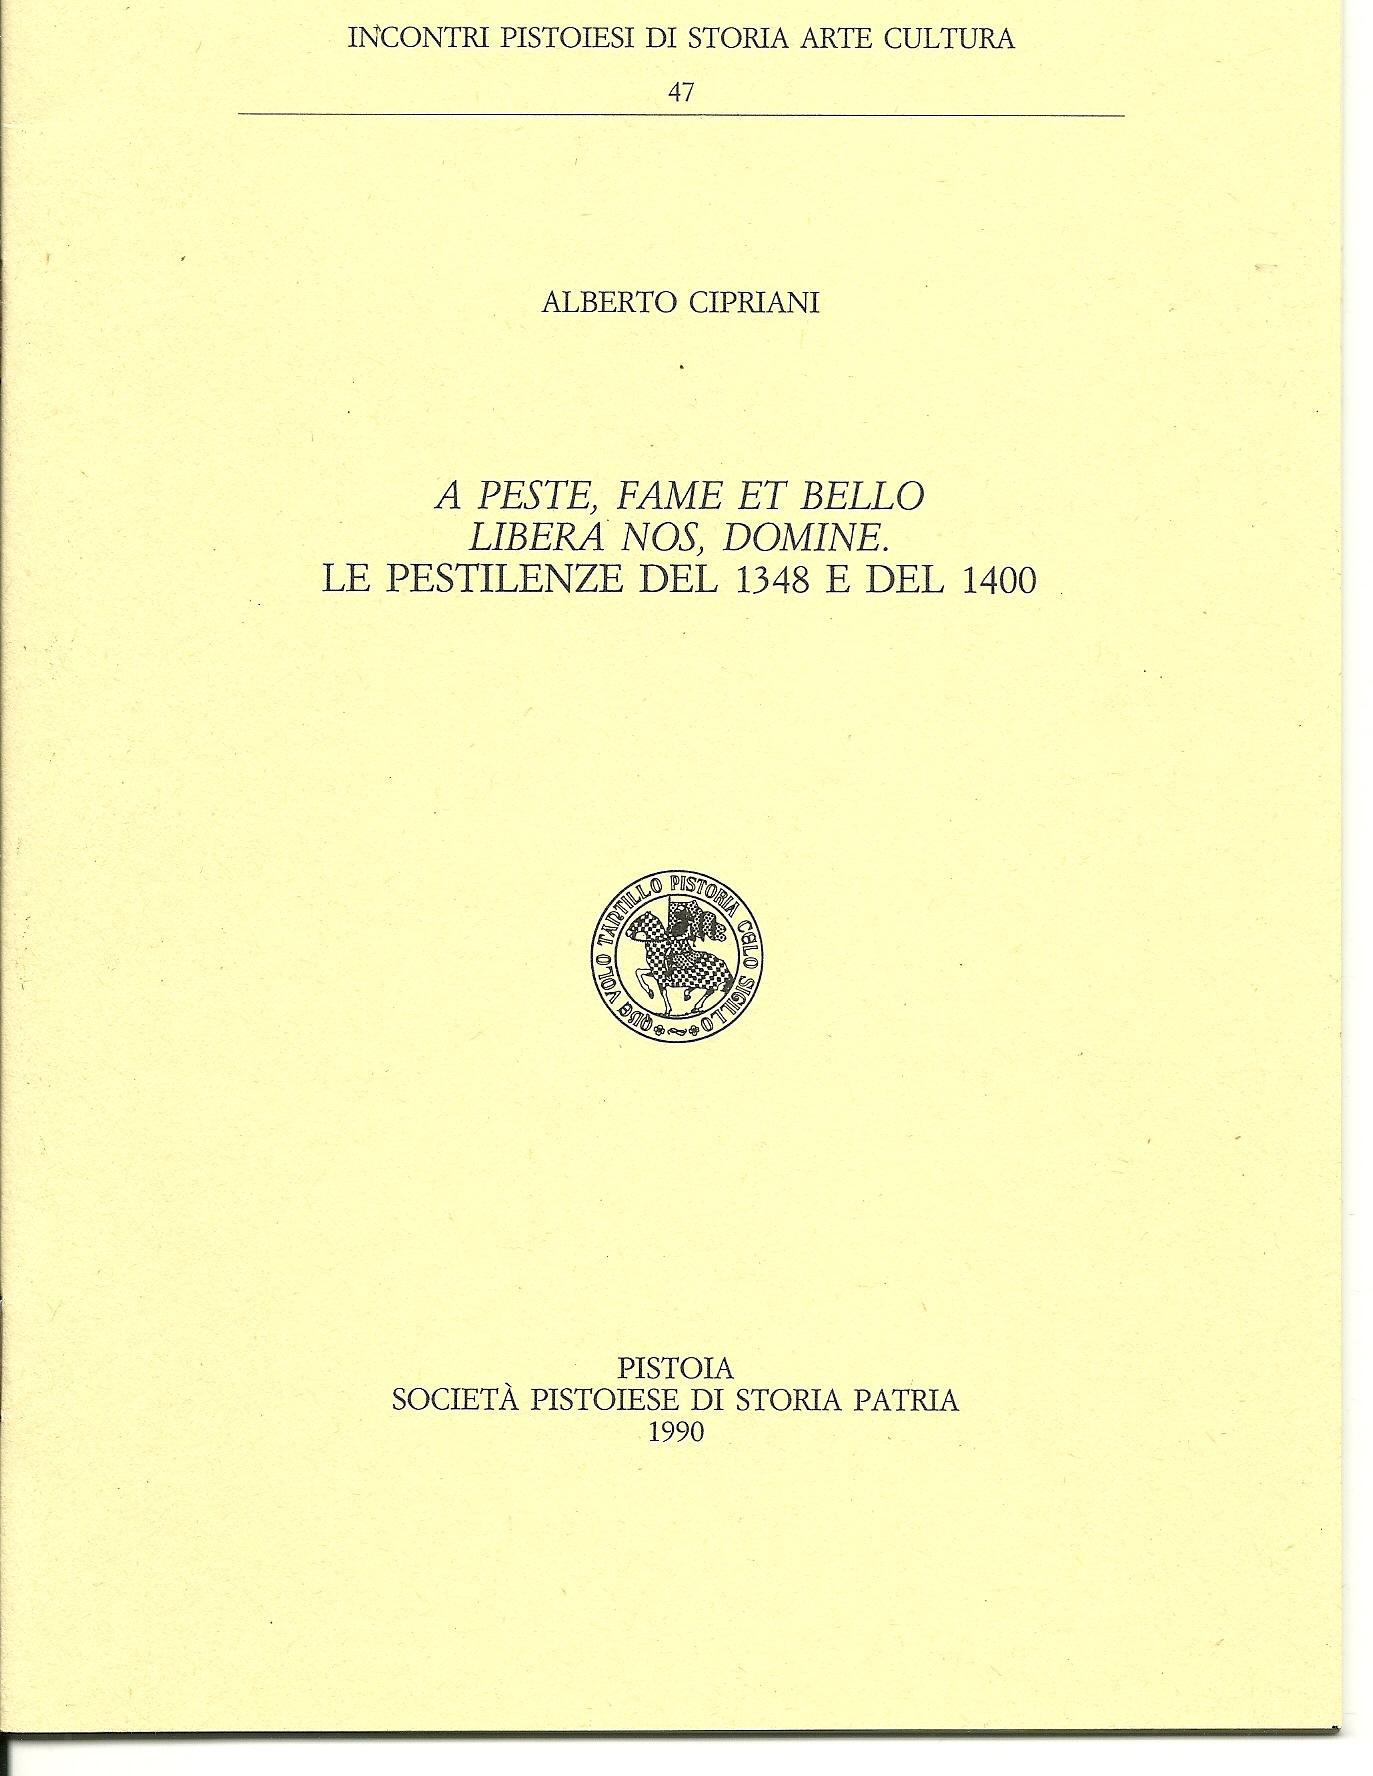 A peste, fame et bello libera nos, Domine le pestilenze del 1348 e del 1400.